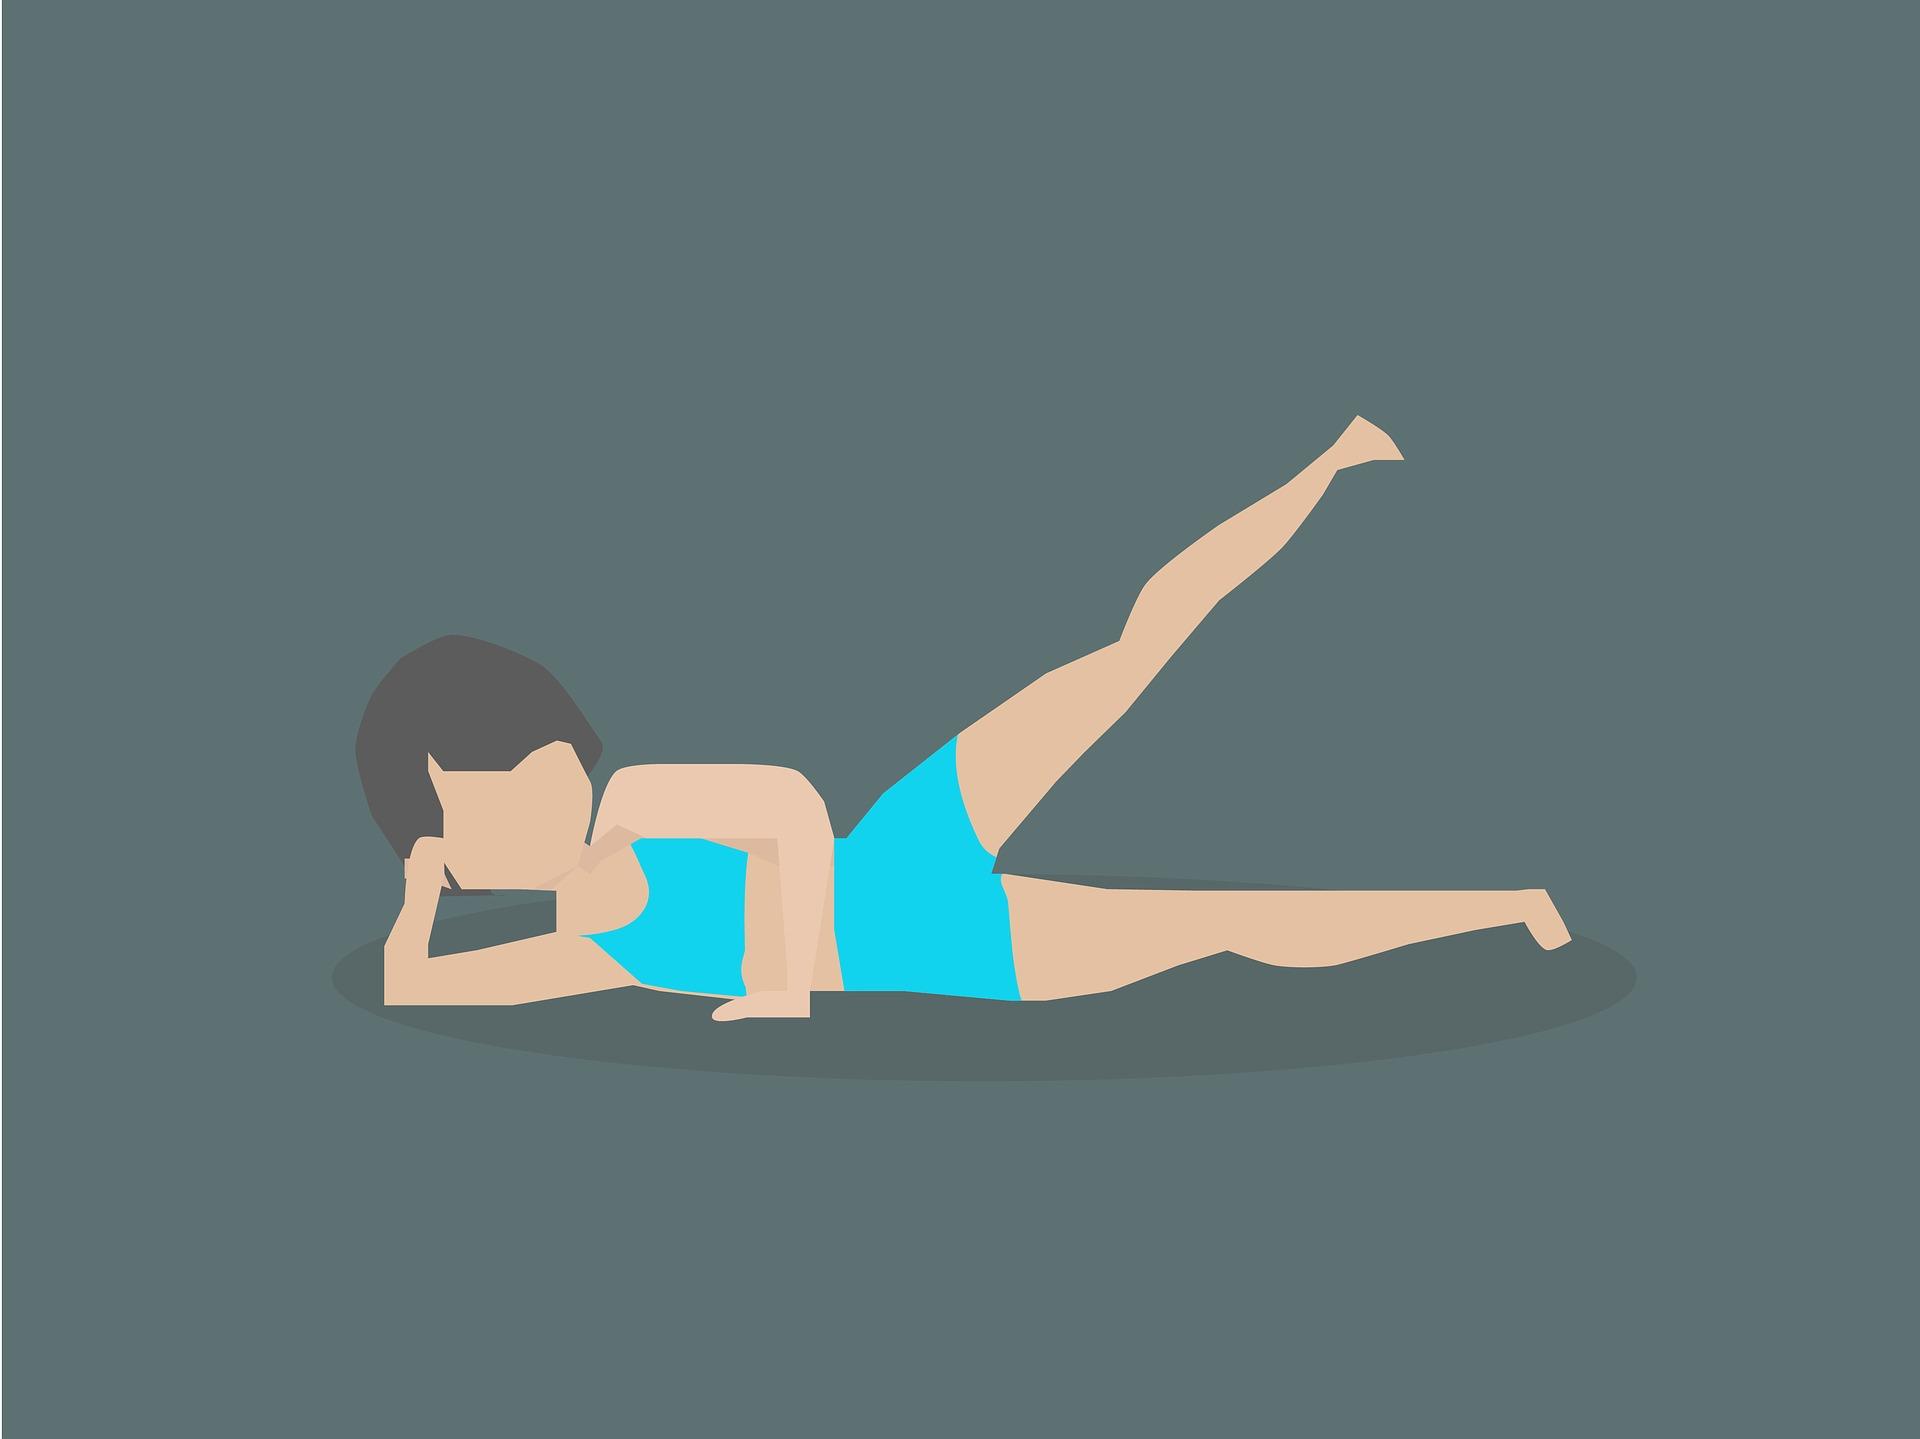 Muskeltraining zu Stärkung des Beckenbodens copyright: pixabay.com